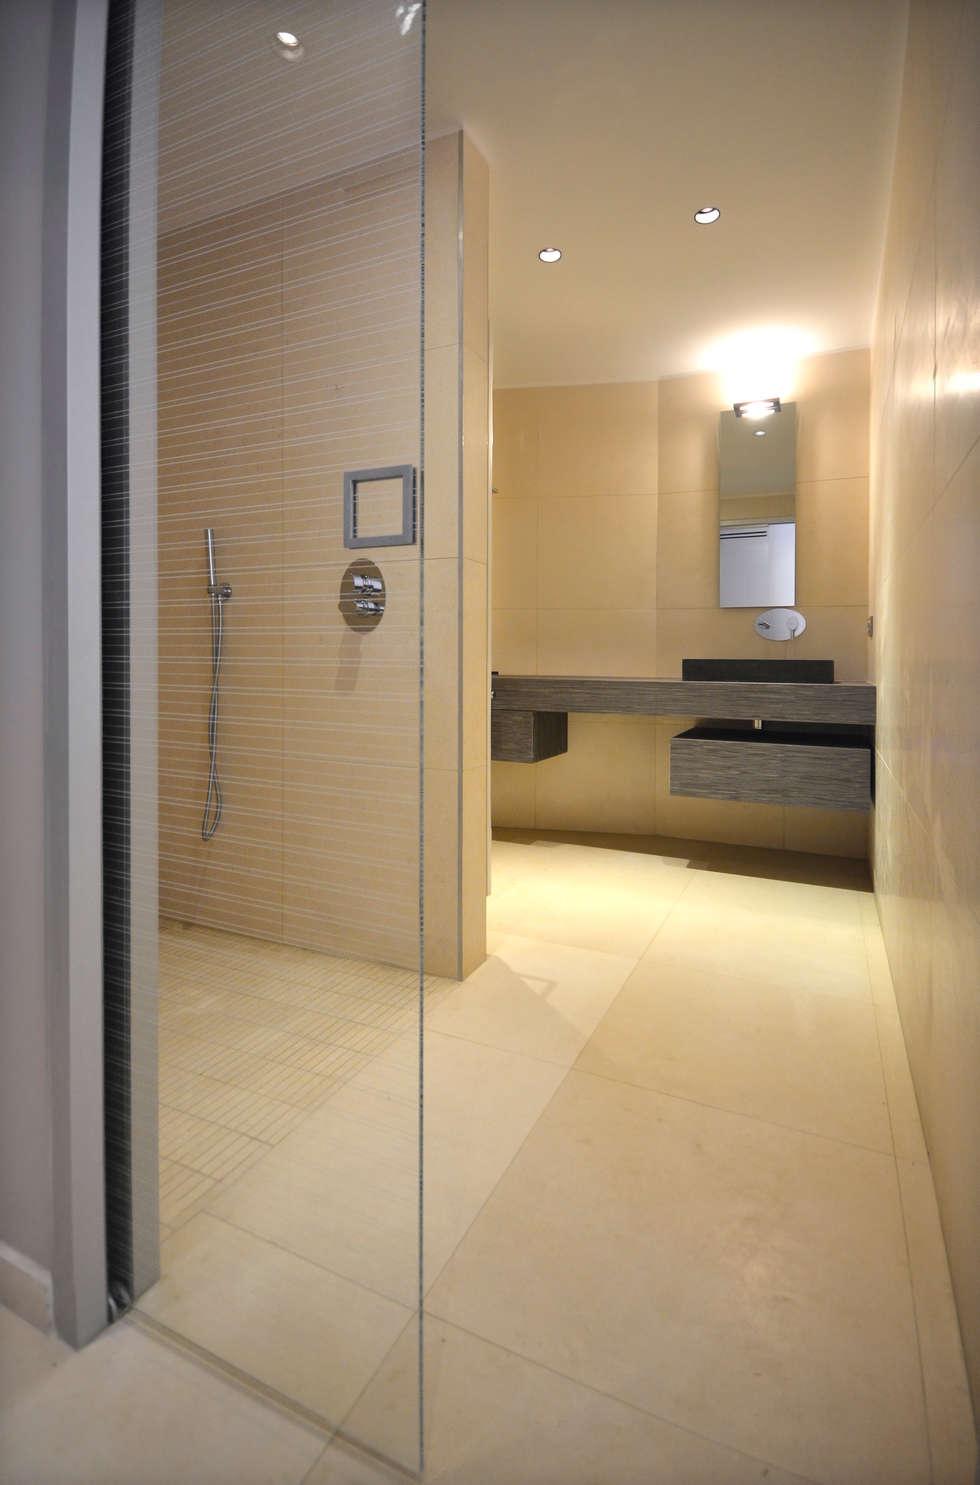 Salle de bains avec porte à galandage en verre: Salle de bains de style  par AGENCEMENT3D